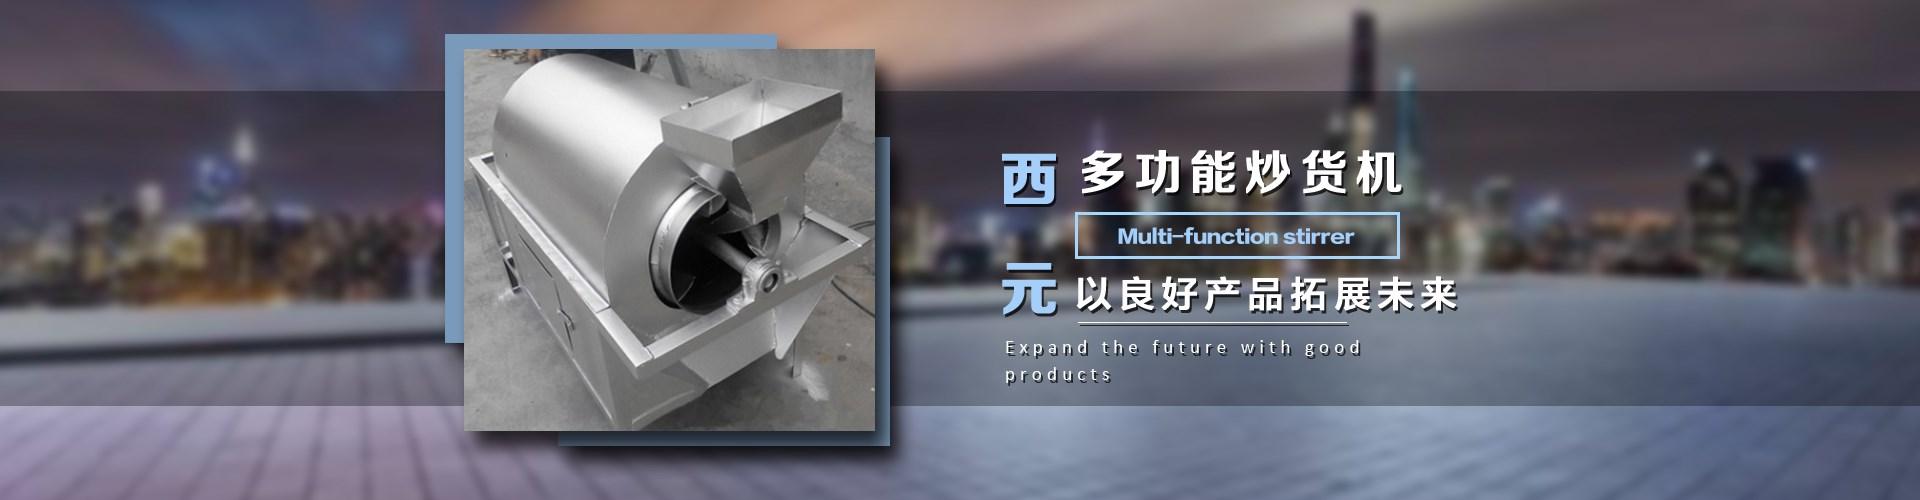 郑州西元机械设备有限公司